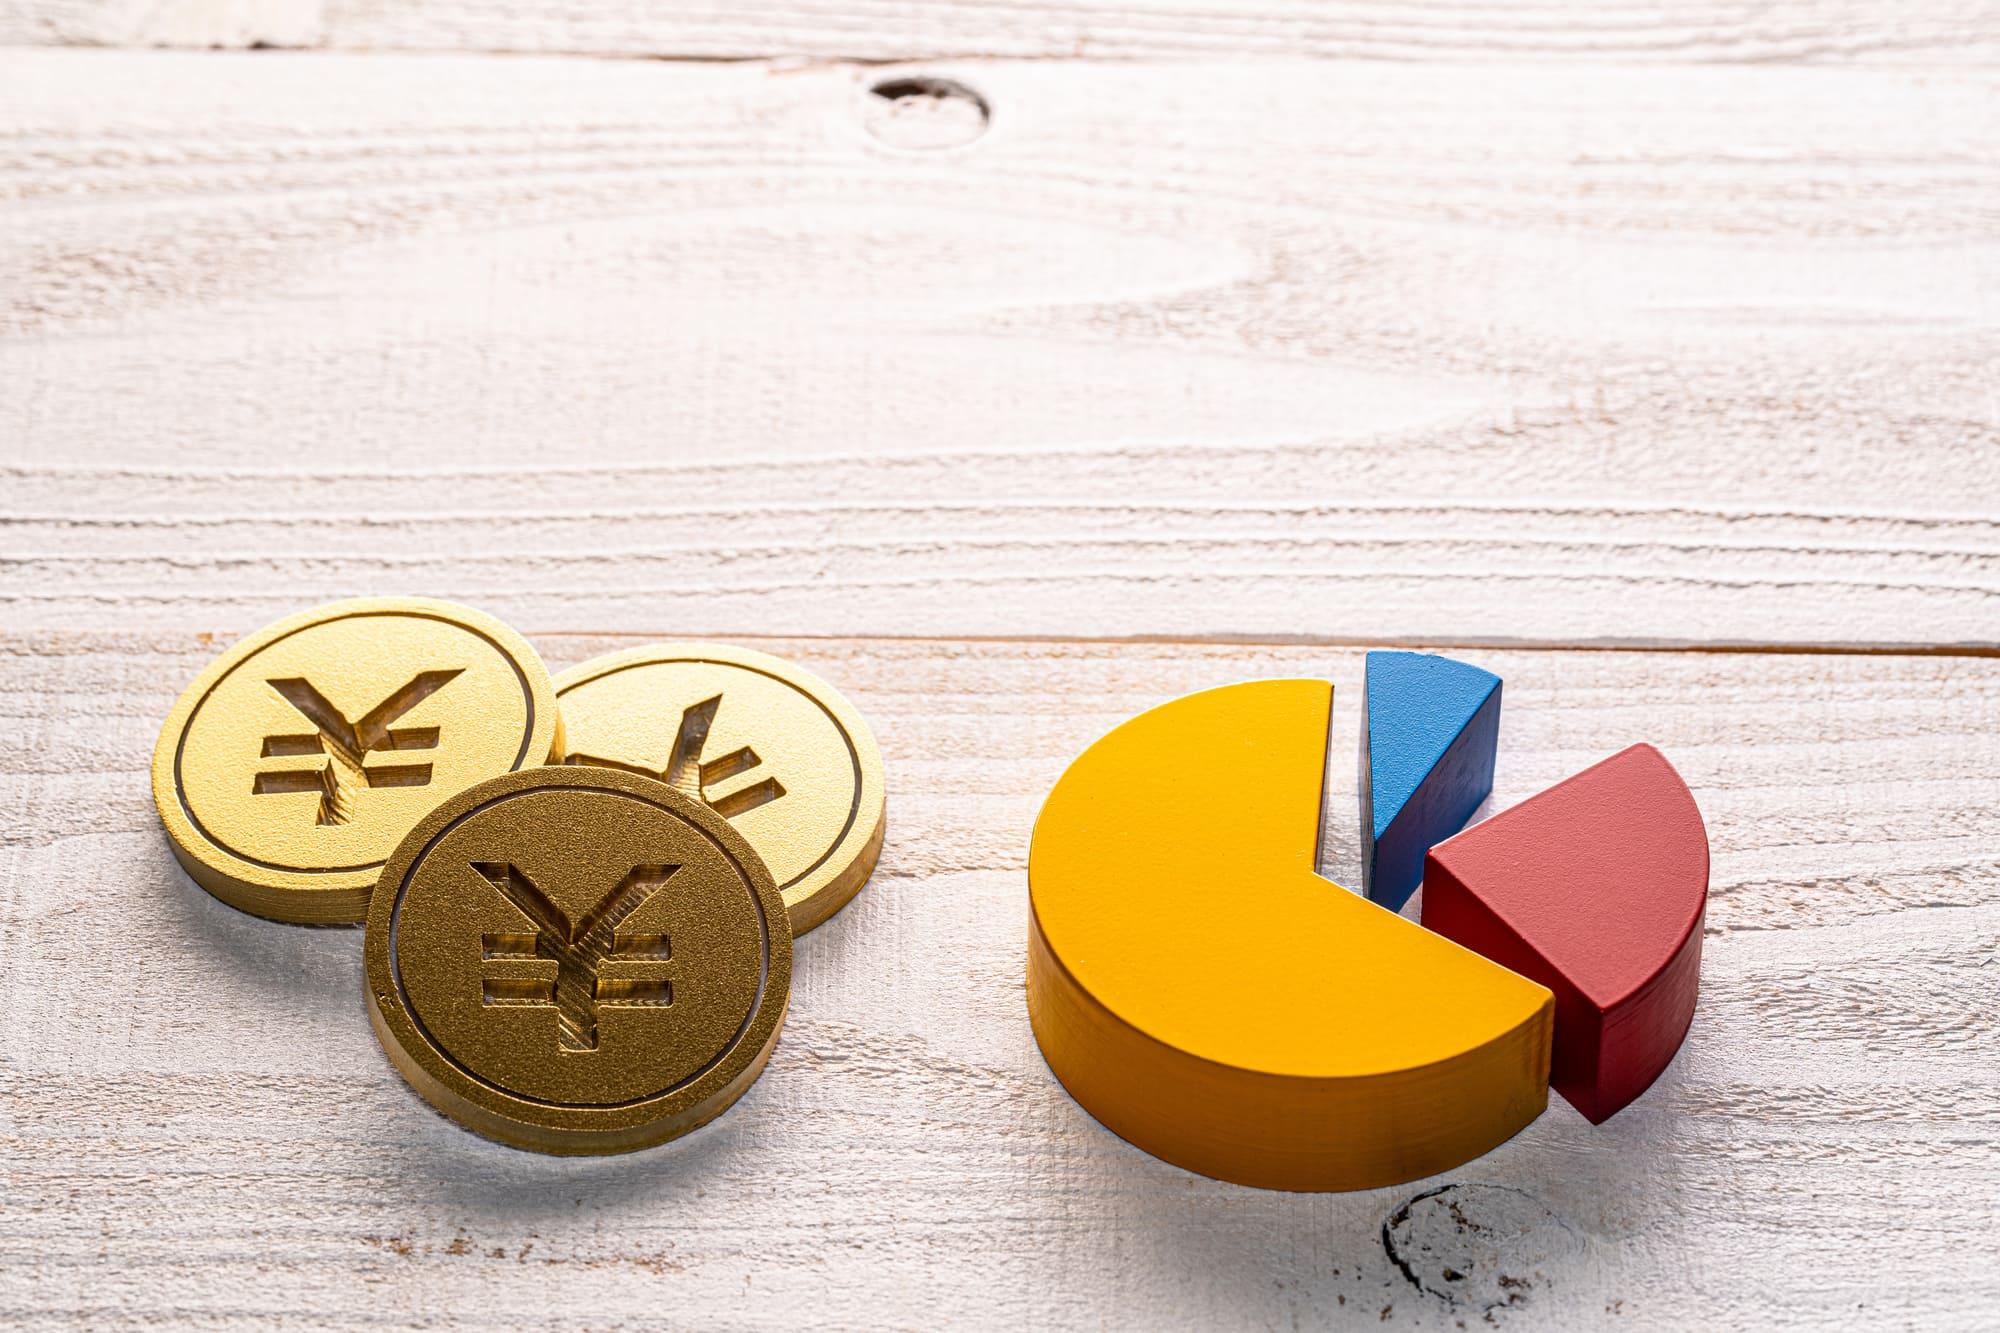 住宅ローンの返済比率の目安│安定して返済を続けやすい適正値は?